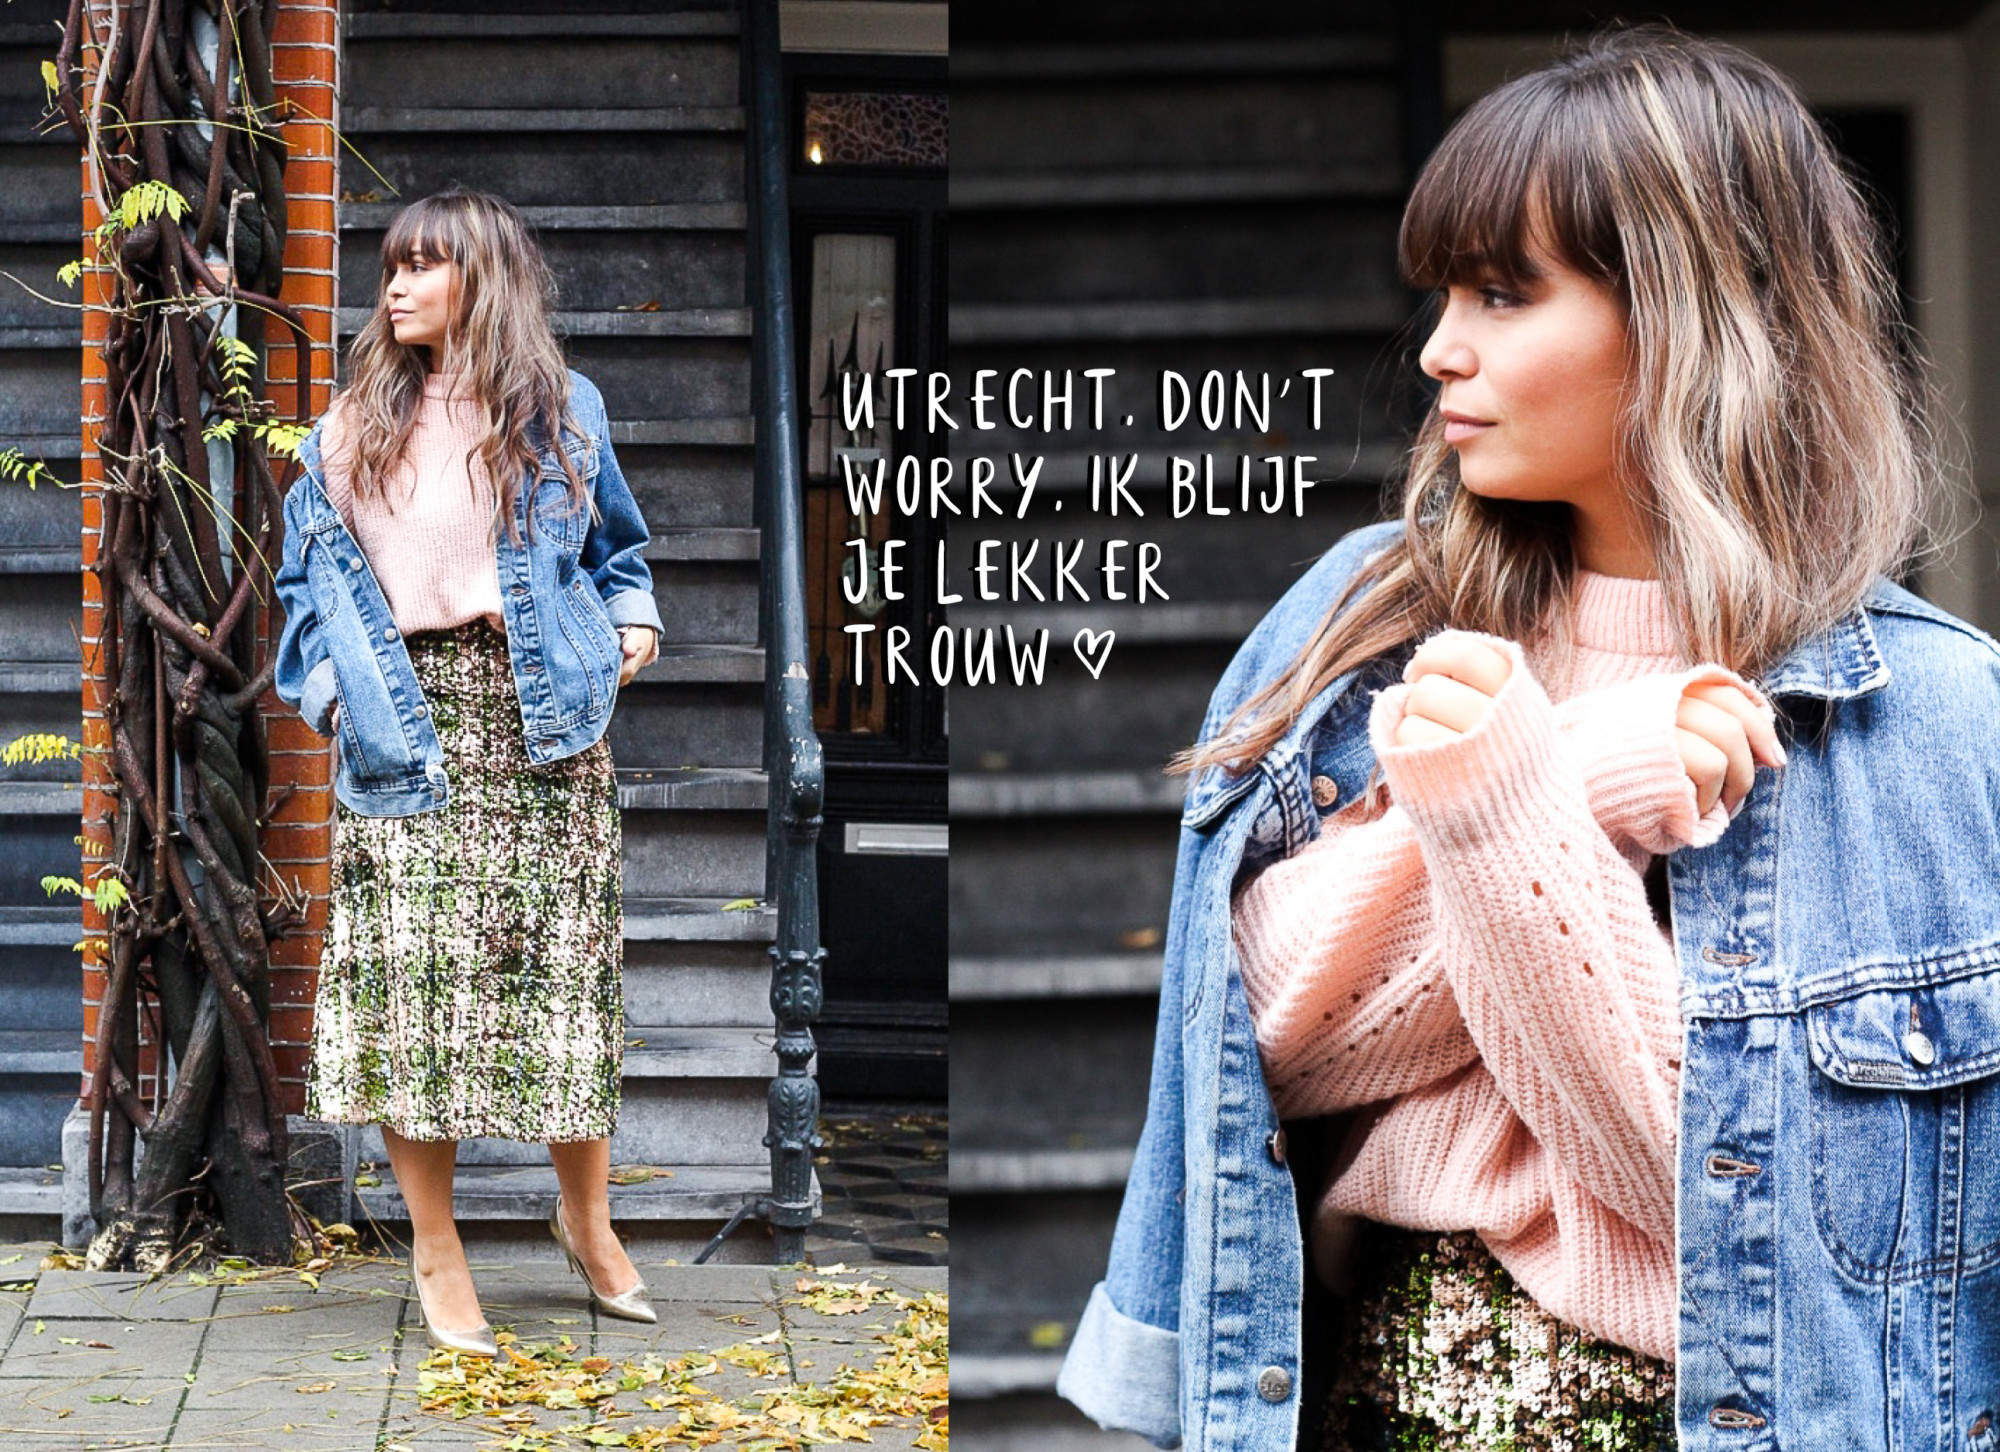 kiki duren in Amsterdam met een glanzende rok spijkerjack en roze trui